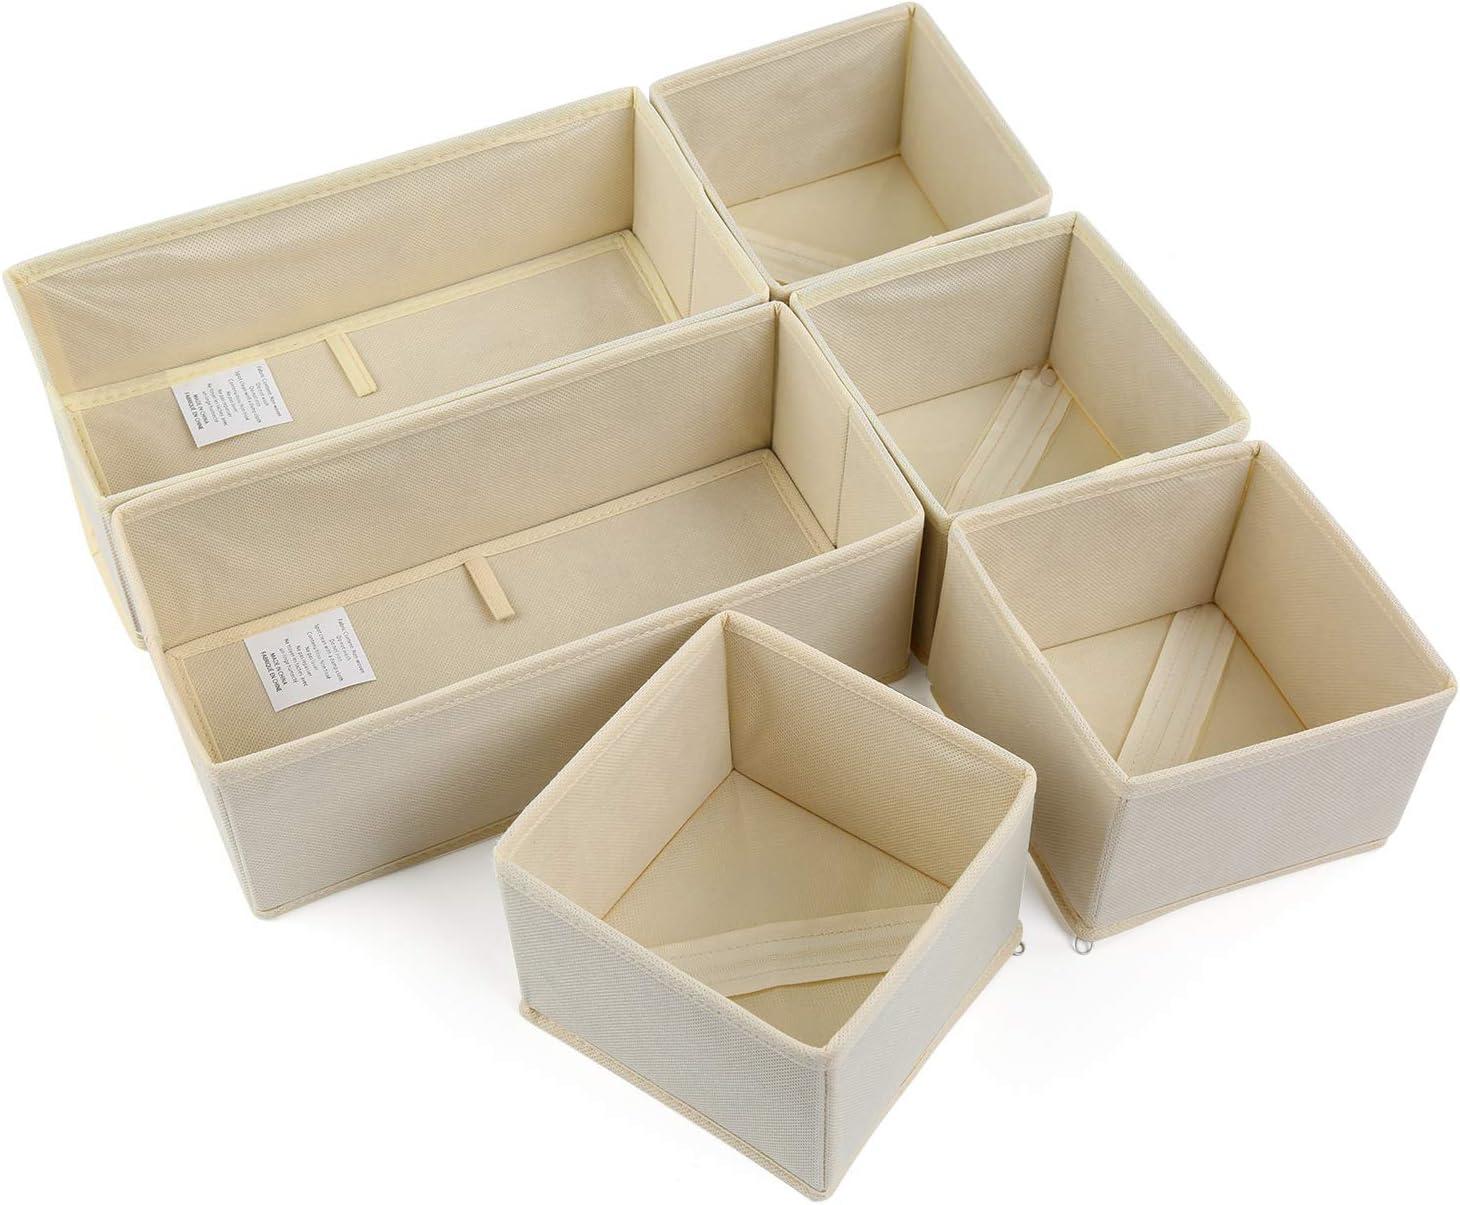 NEWSTYLE Organizadores de Cajones,Juego de 6 Cajas Organizadoras Plegables para Sujetadores Bragas Calcetines (Beige)